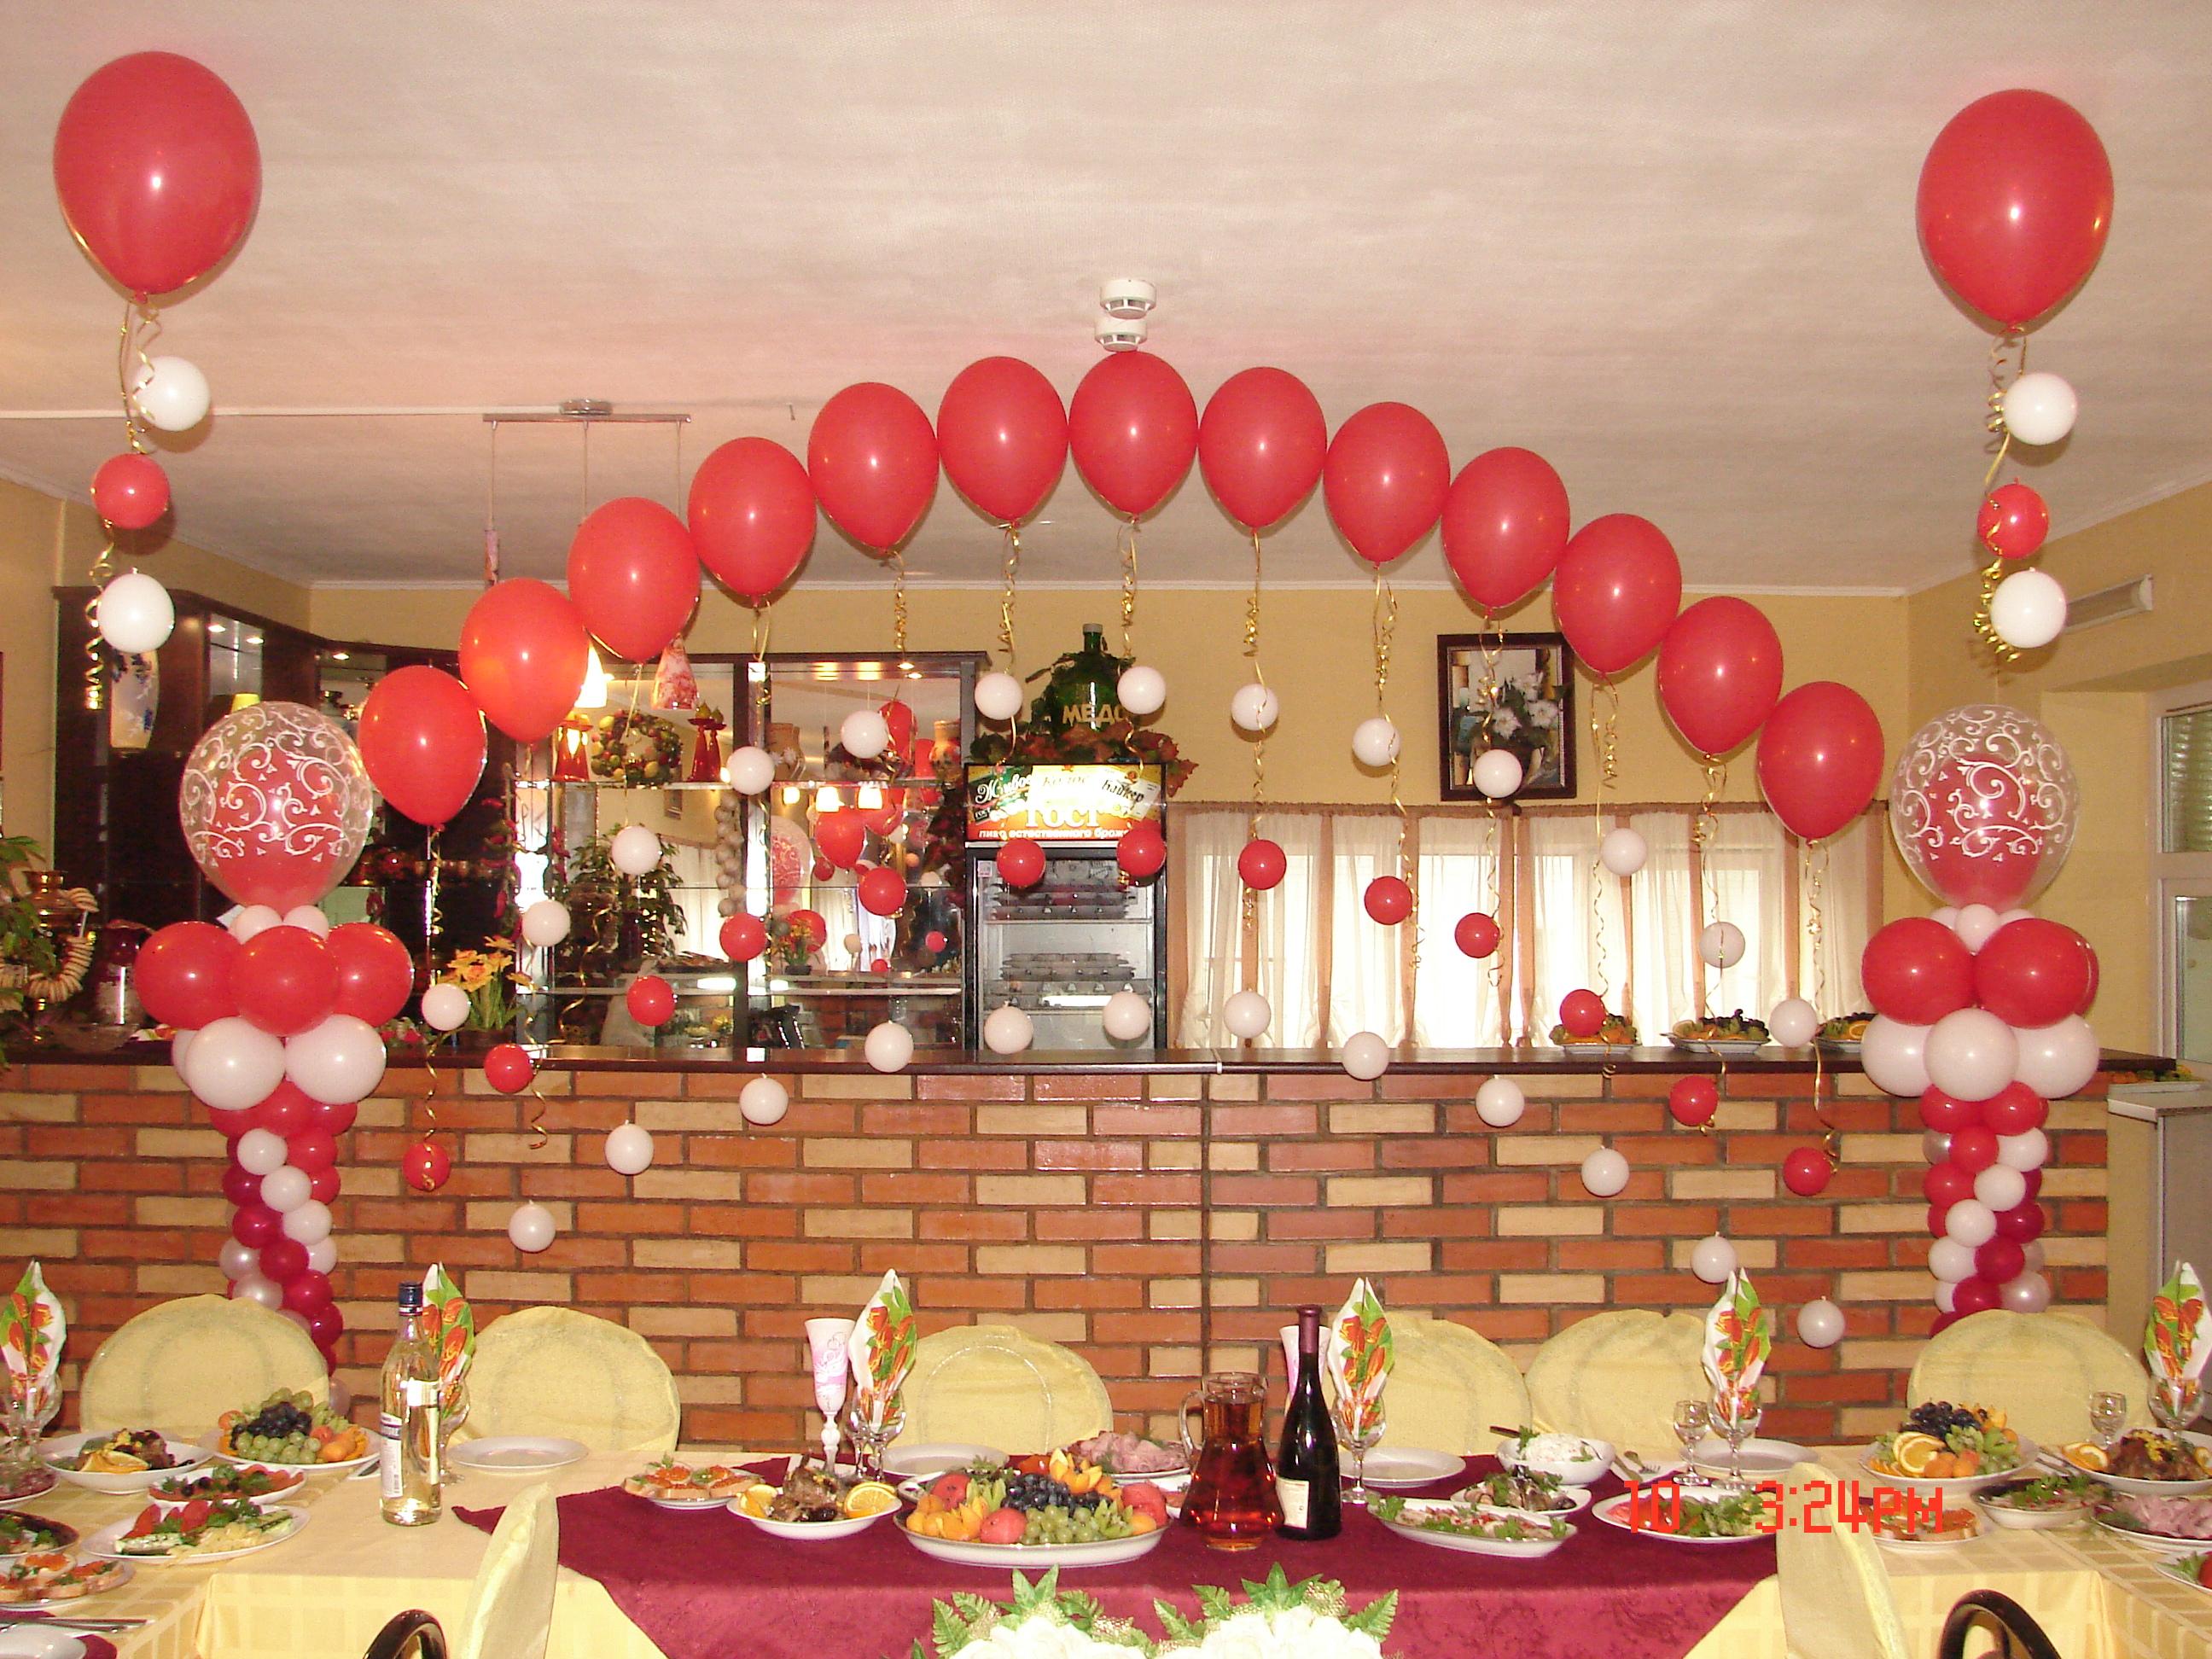 Украшения зала на свадьбу красное фото